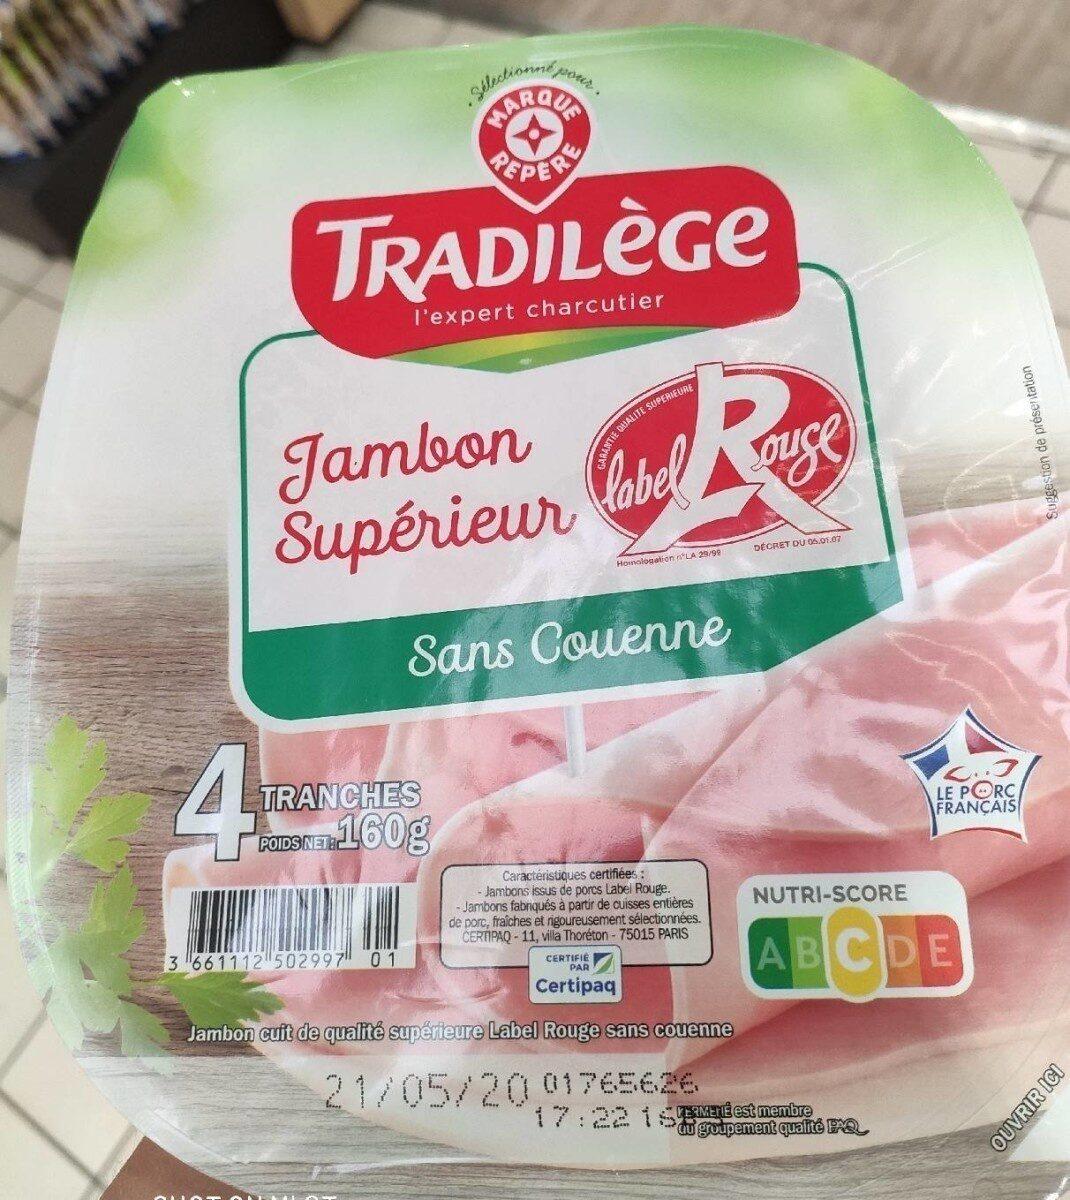 Jambon supérieur label rouge sans couenne - Prodotto - fr